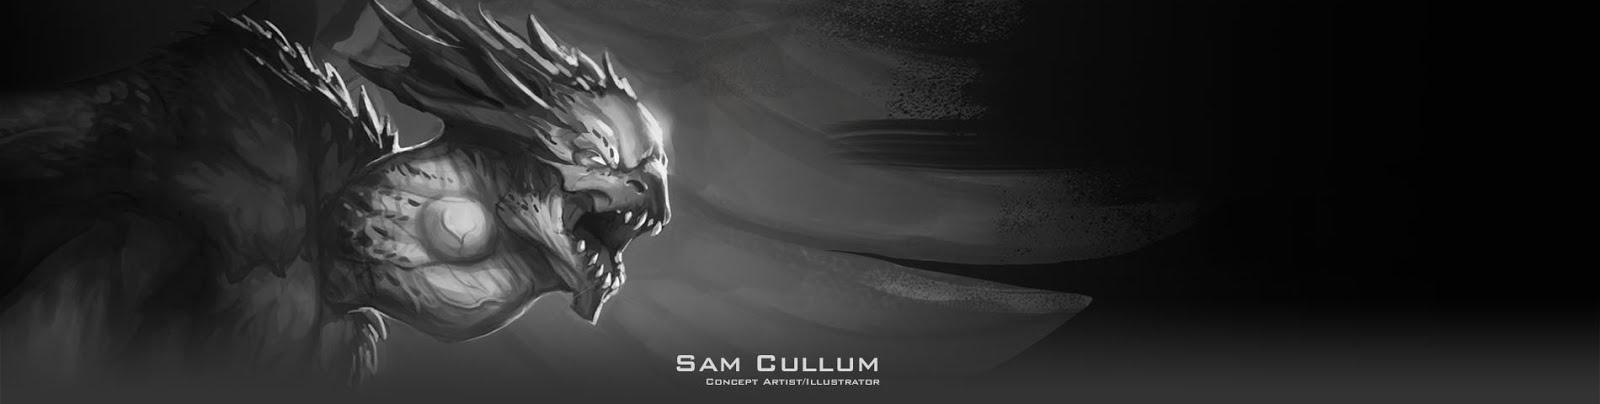 Sam Cullum - Concept Art & Illustration